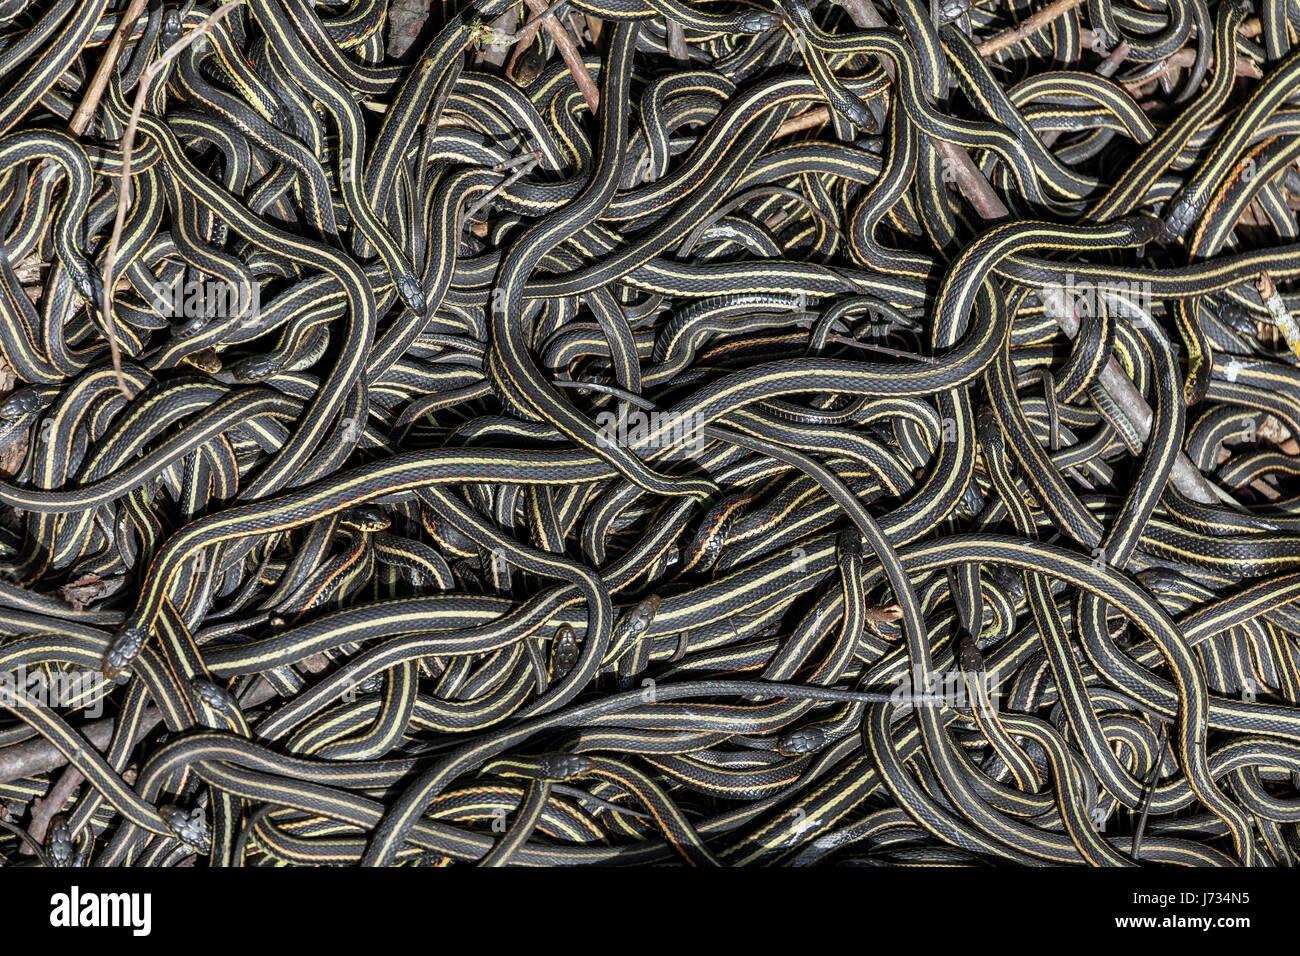 Cara roja liga serpientes reunidos en el ritual de apareamiento anual en el Narcisse Snake guaridas, Narcisse, Manitoba, Imagen De Stock